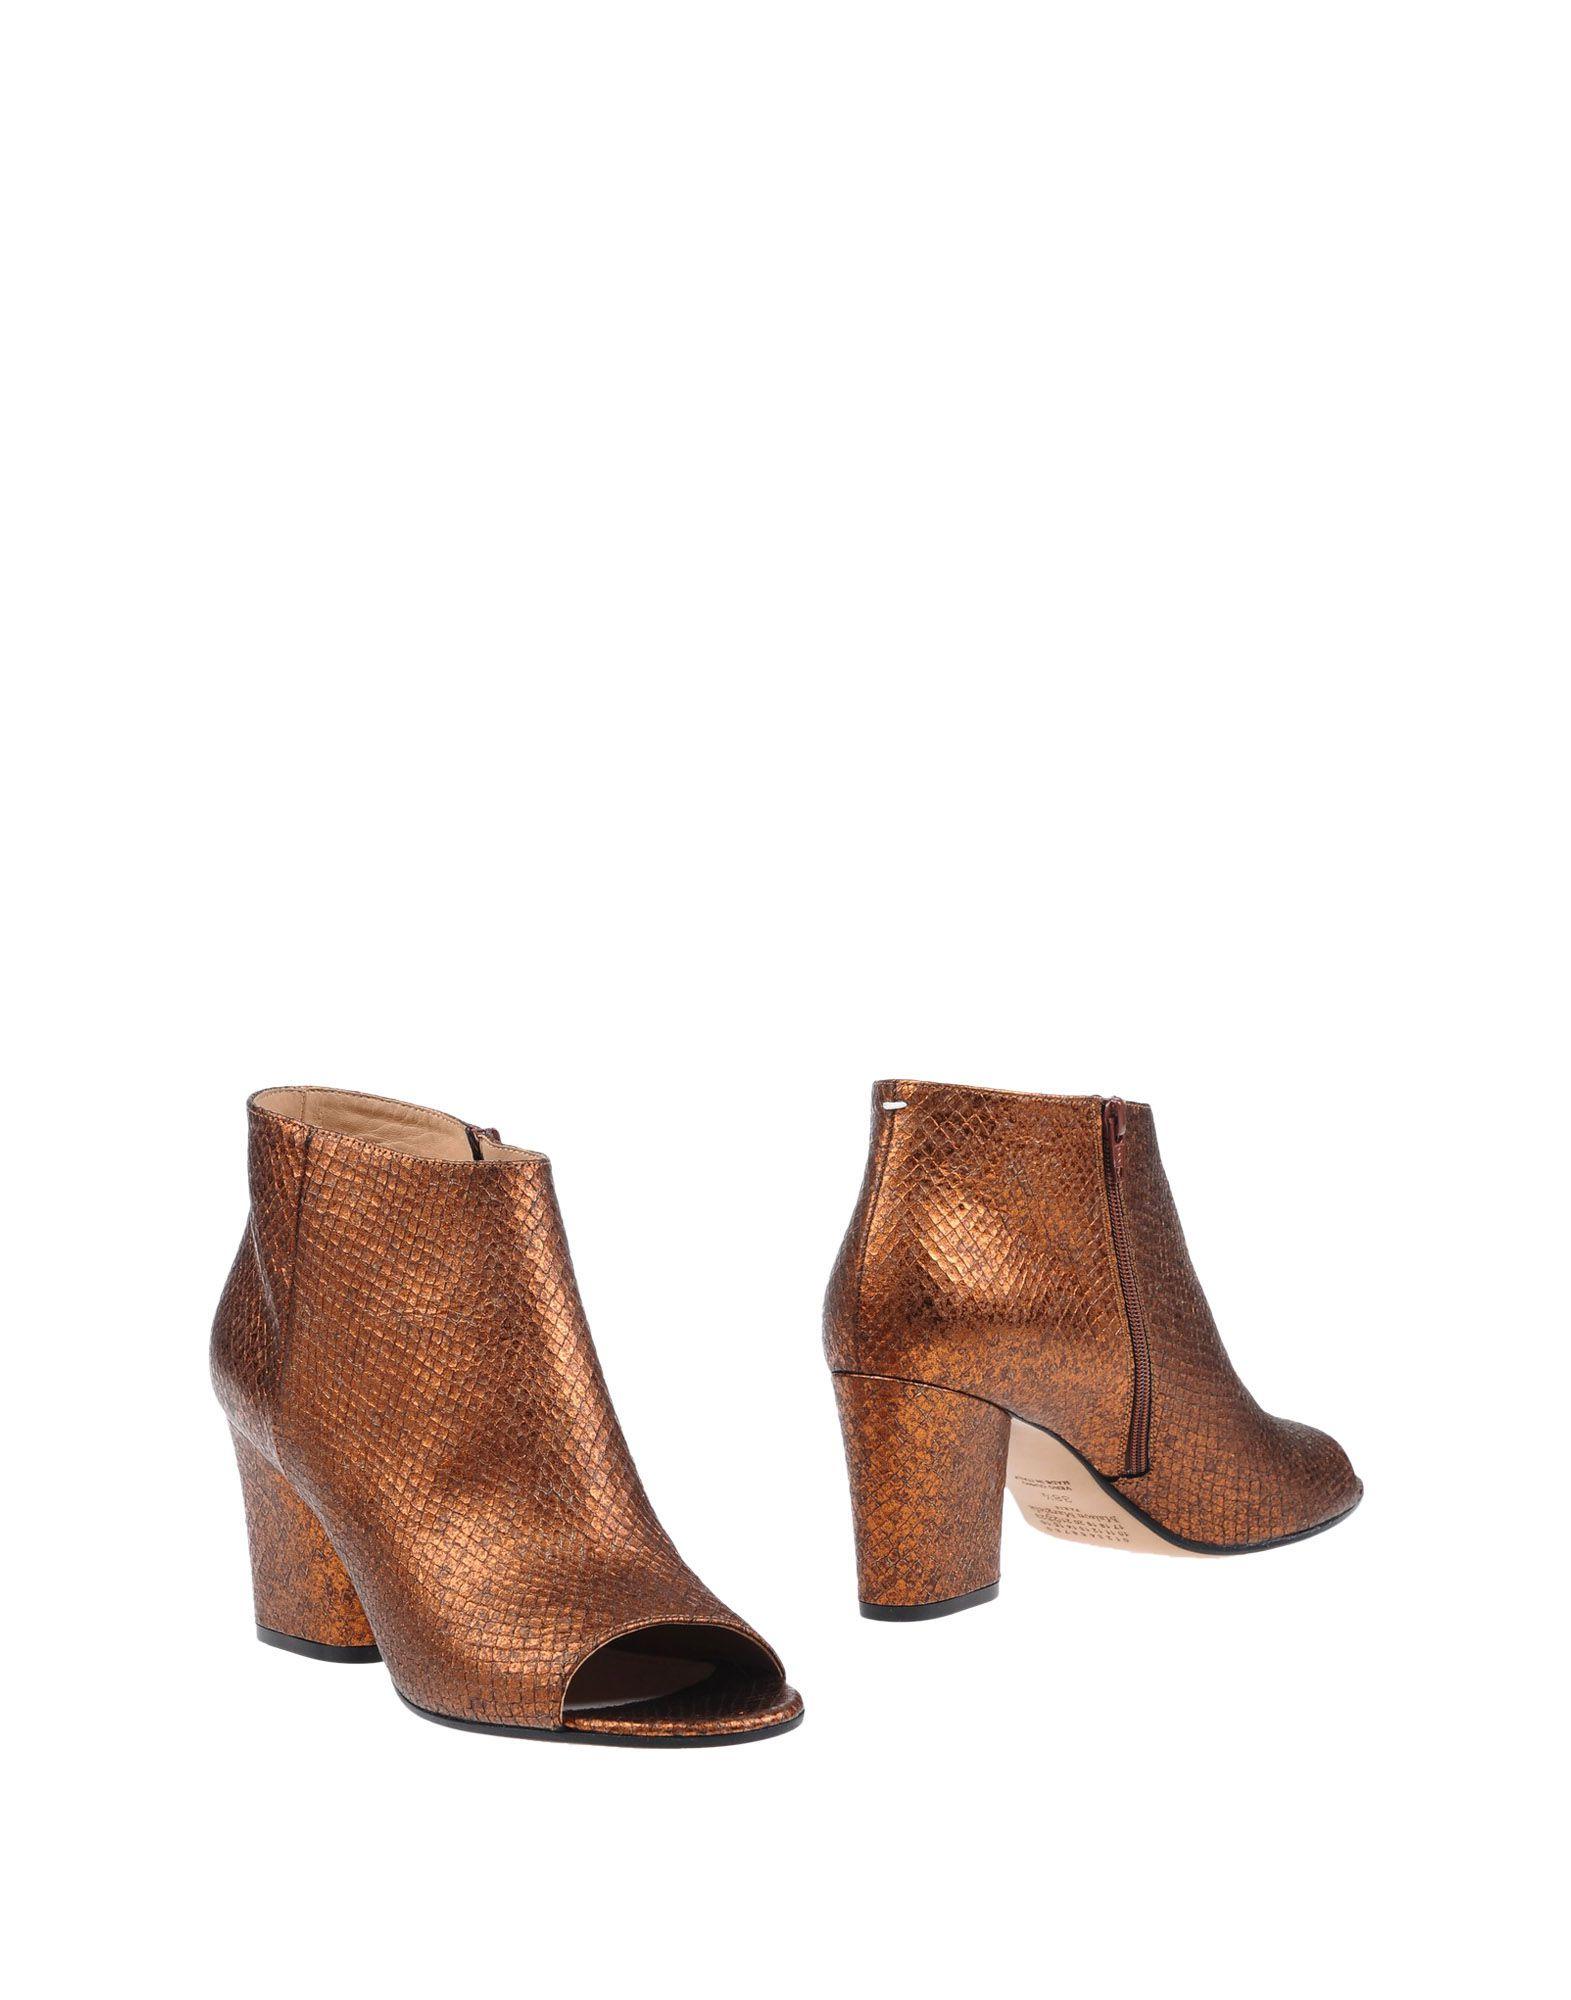 Maison Margiela Stiefelette Damen  11237398SMGut aussehende strapazierfähige Schuhe